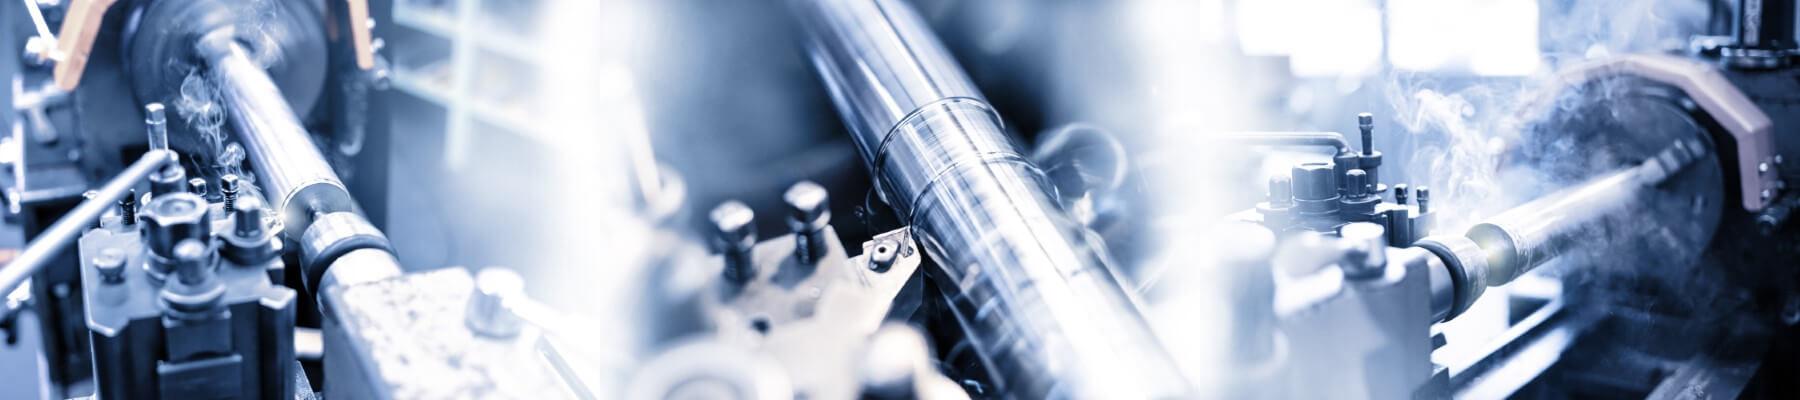 CNC-Zerspanung bzw. spanende Verfahren